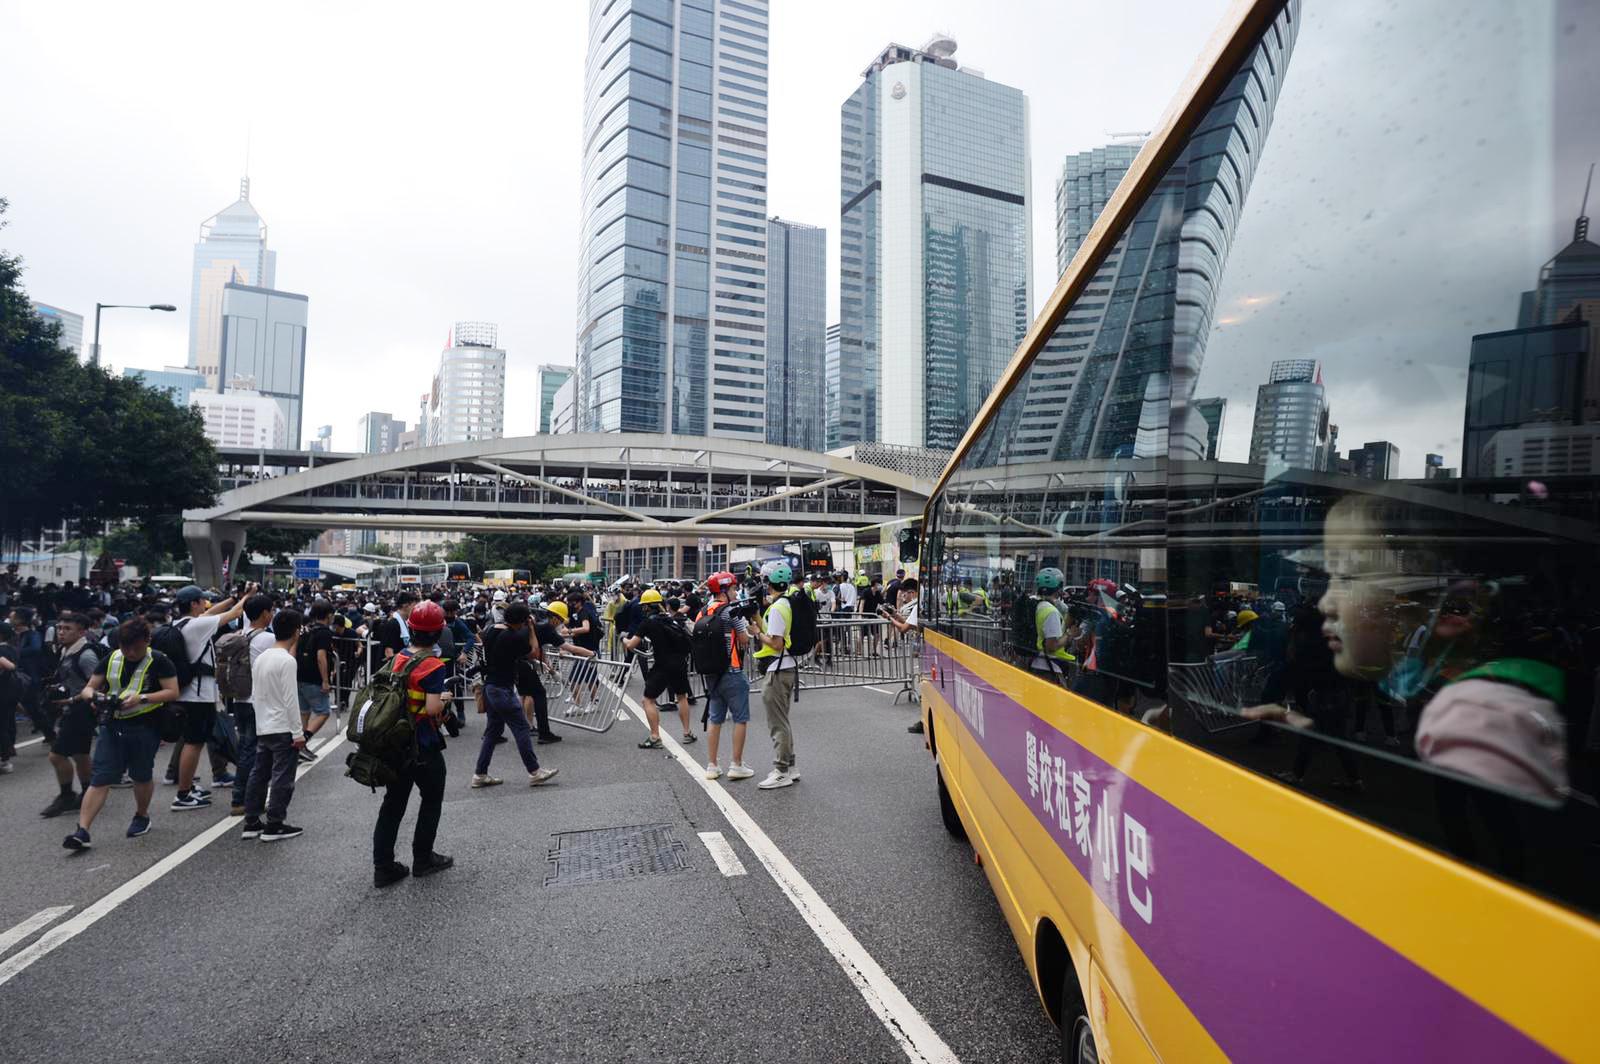 因應反對修訂《逃犯條例》的示威活動,影響鄰近地區的交通。